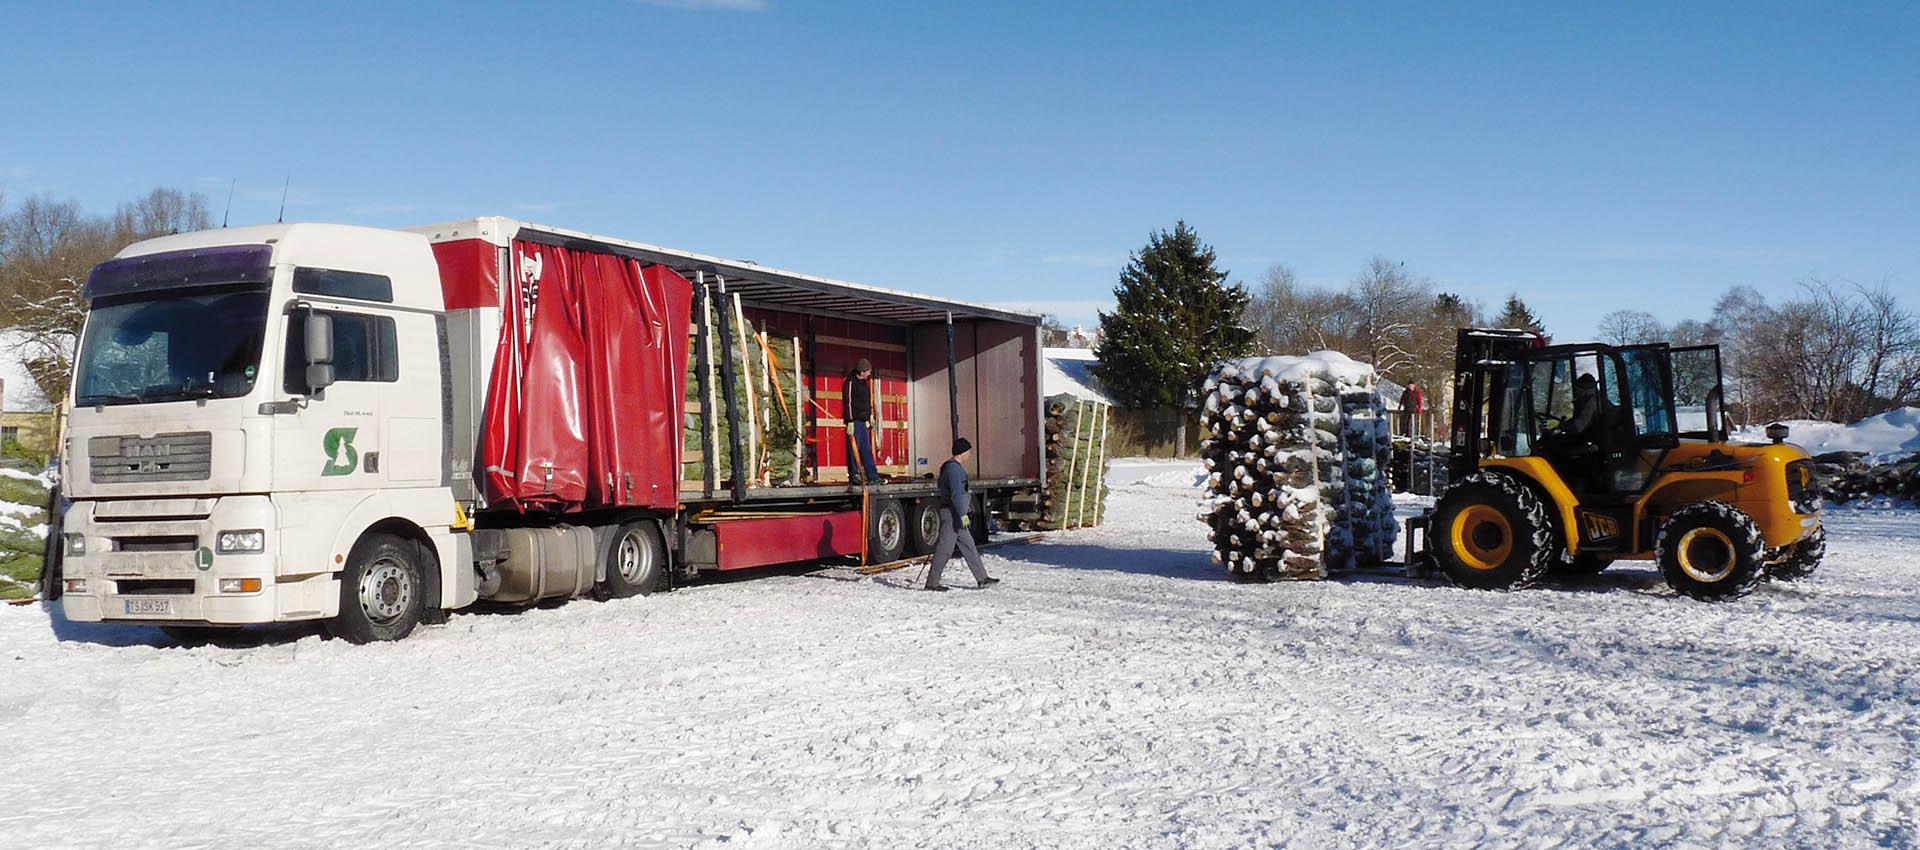 Schauer weihnachtsbaume shop